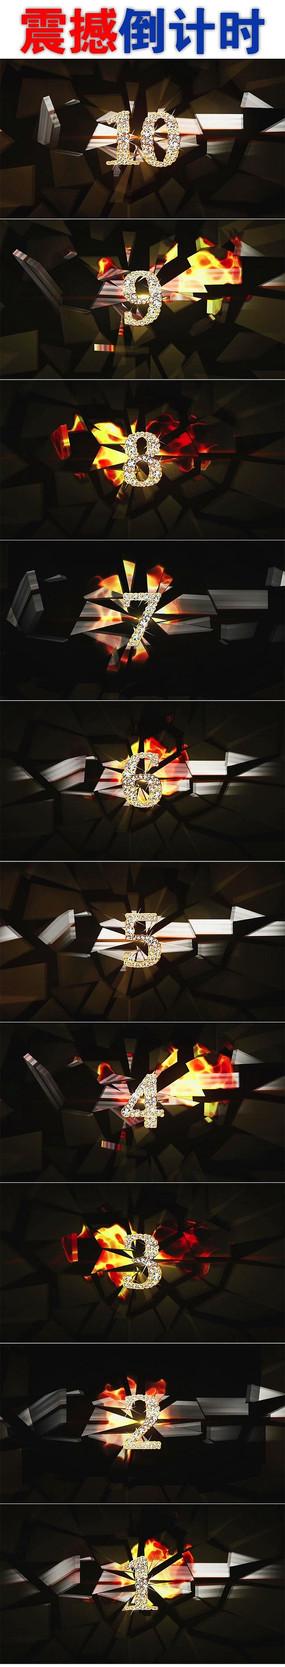 震撼钻石10秒倒计时视频素材